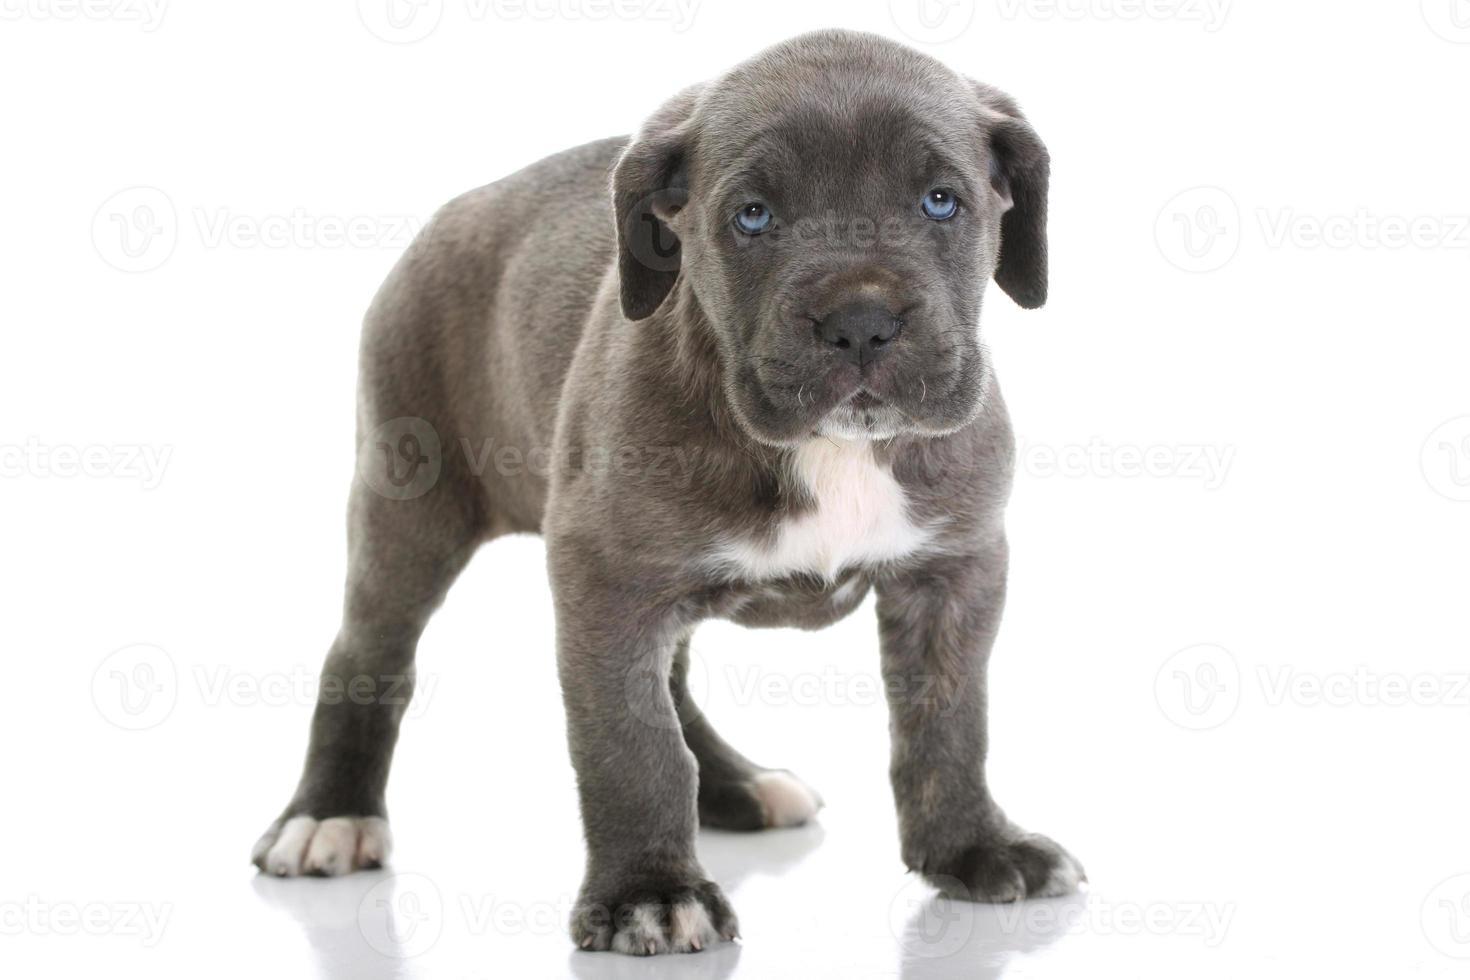 puppy italiaanse mastiff cane corso met blauwe ogen foto